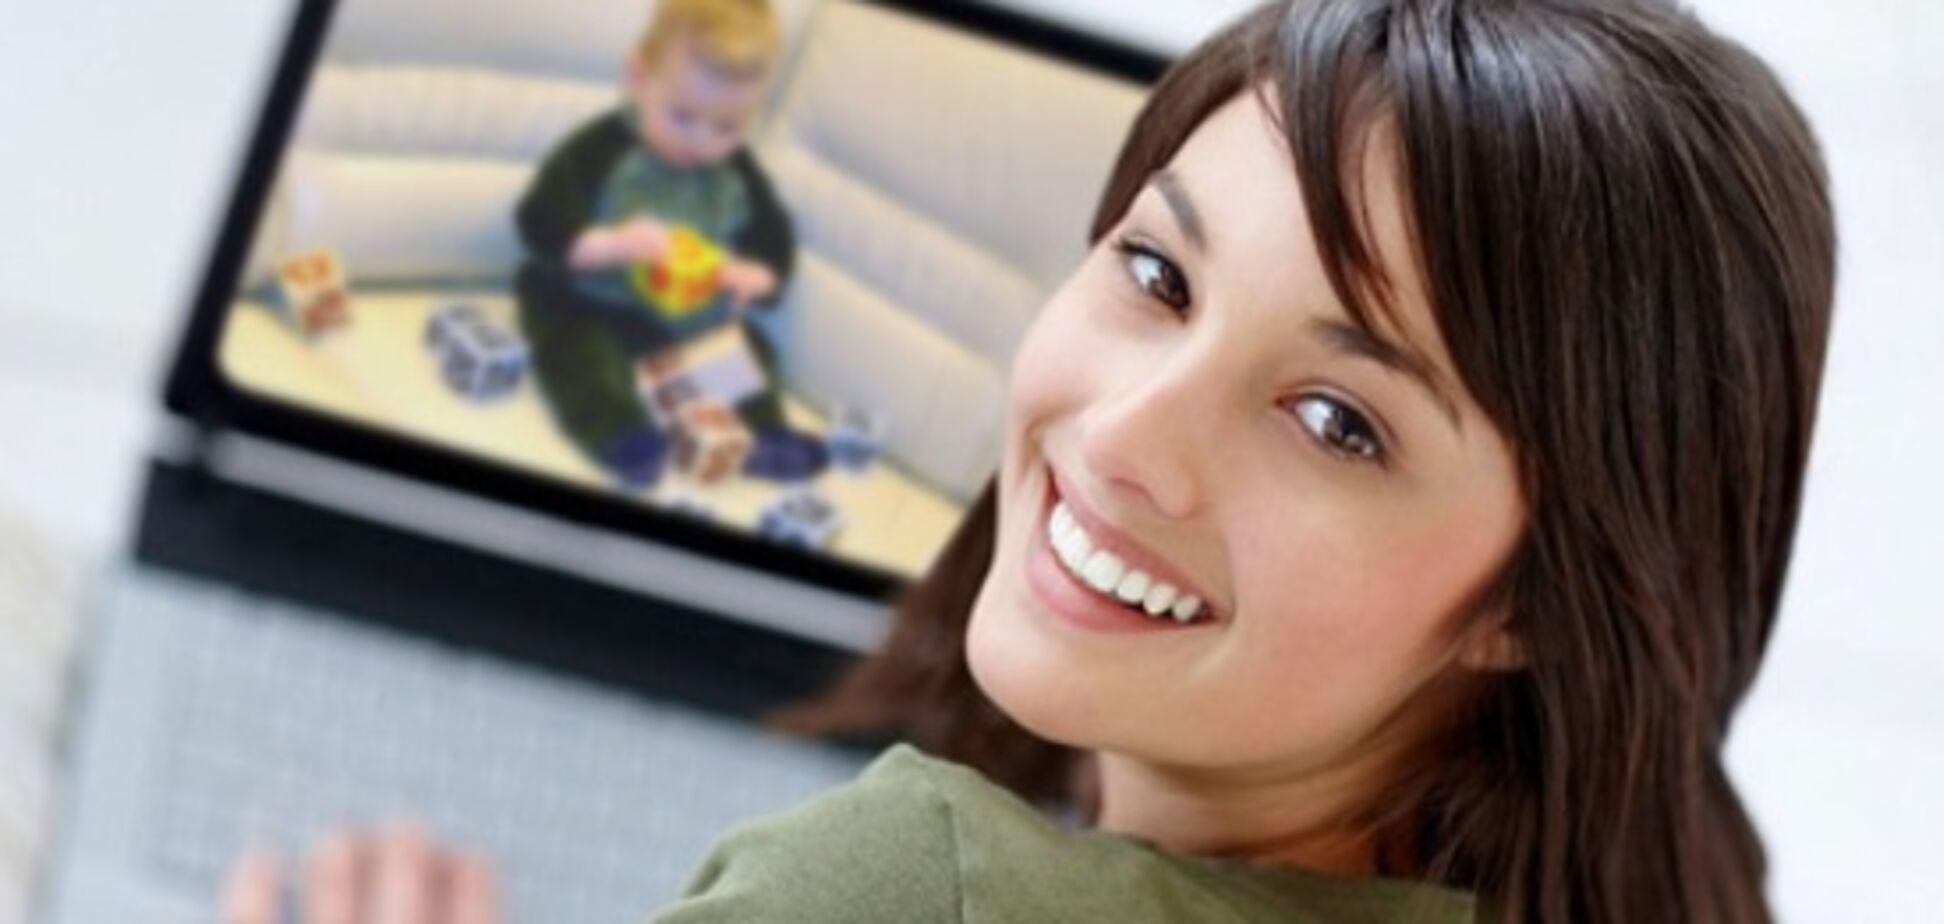 Для спокойствия родителей: в киевских детсадах могут установить видеокамеры